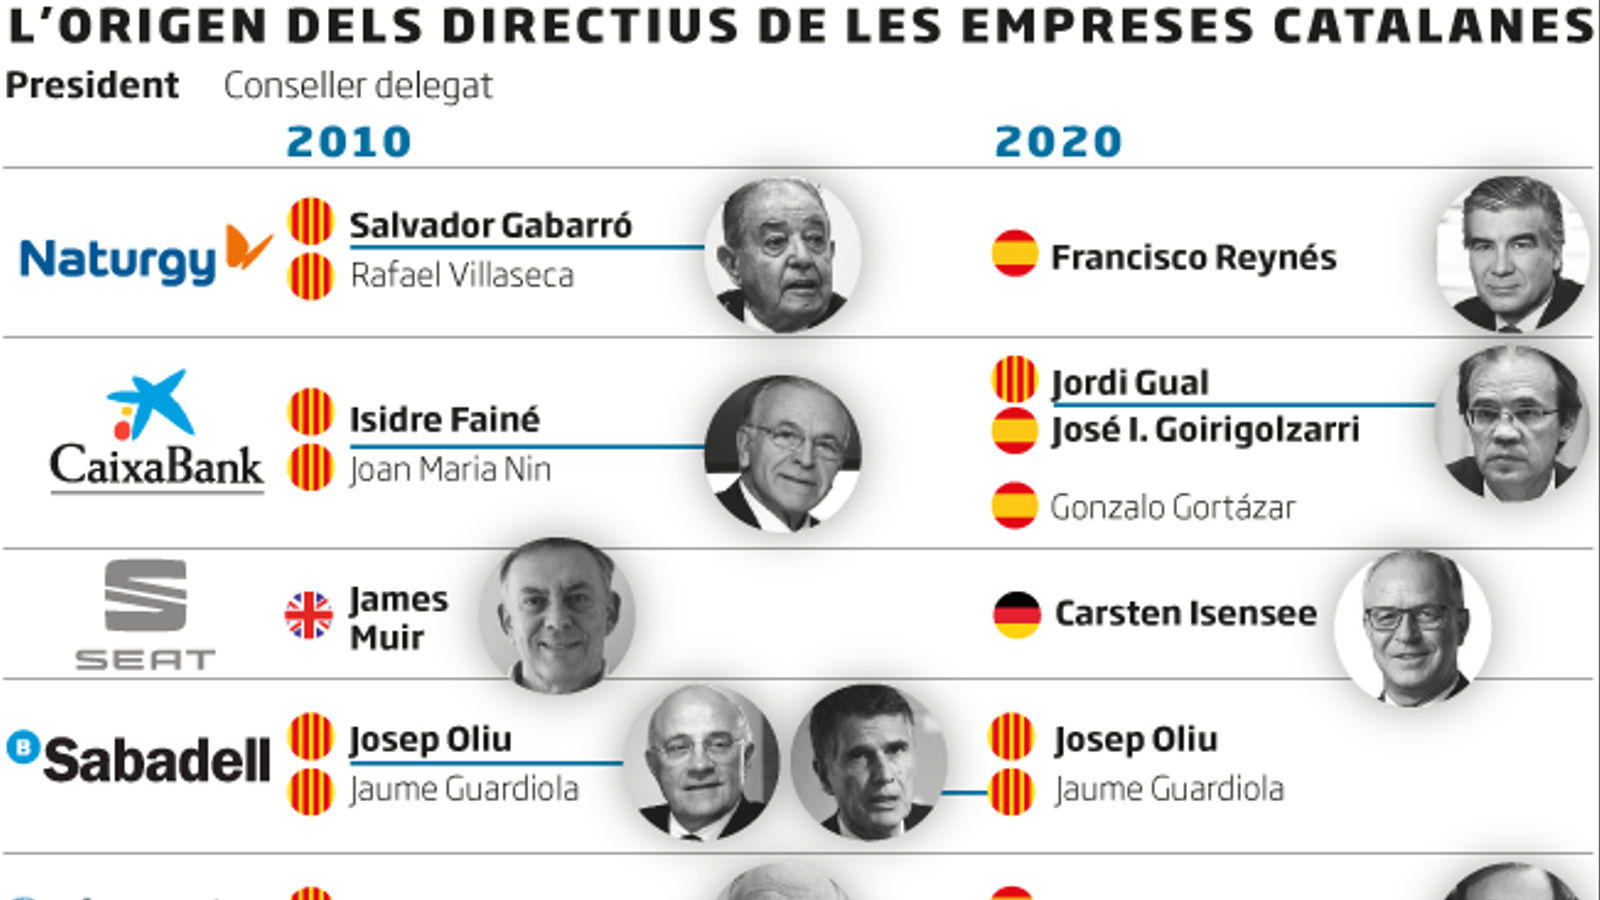 La fusió de CaixaBank agreuja la pèrdua de grans directius catalans